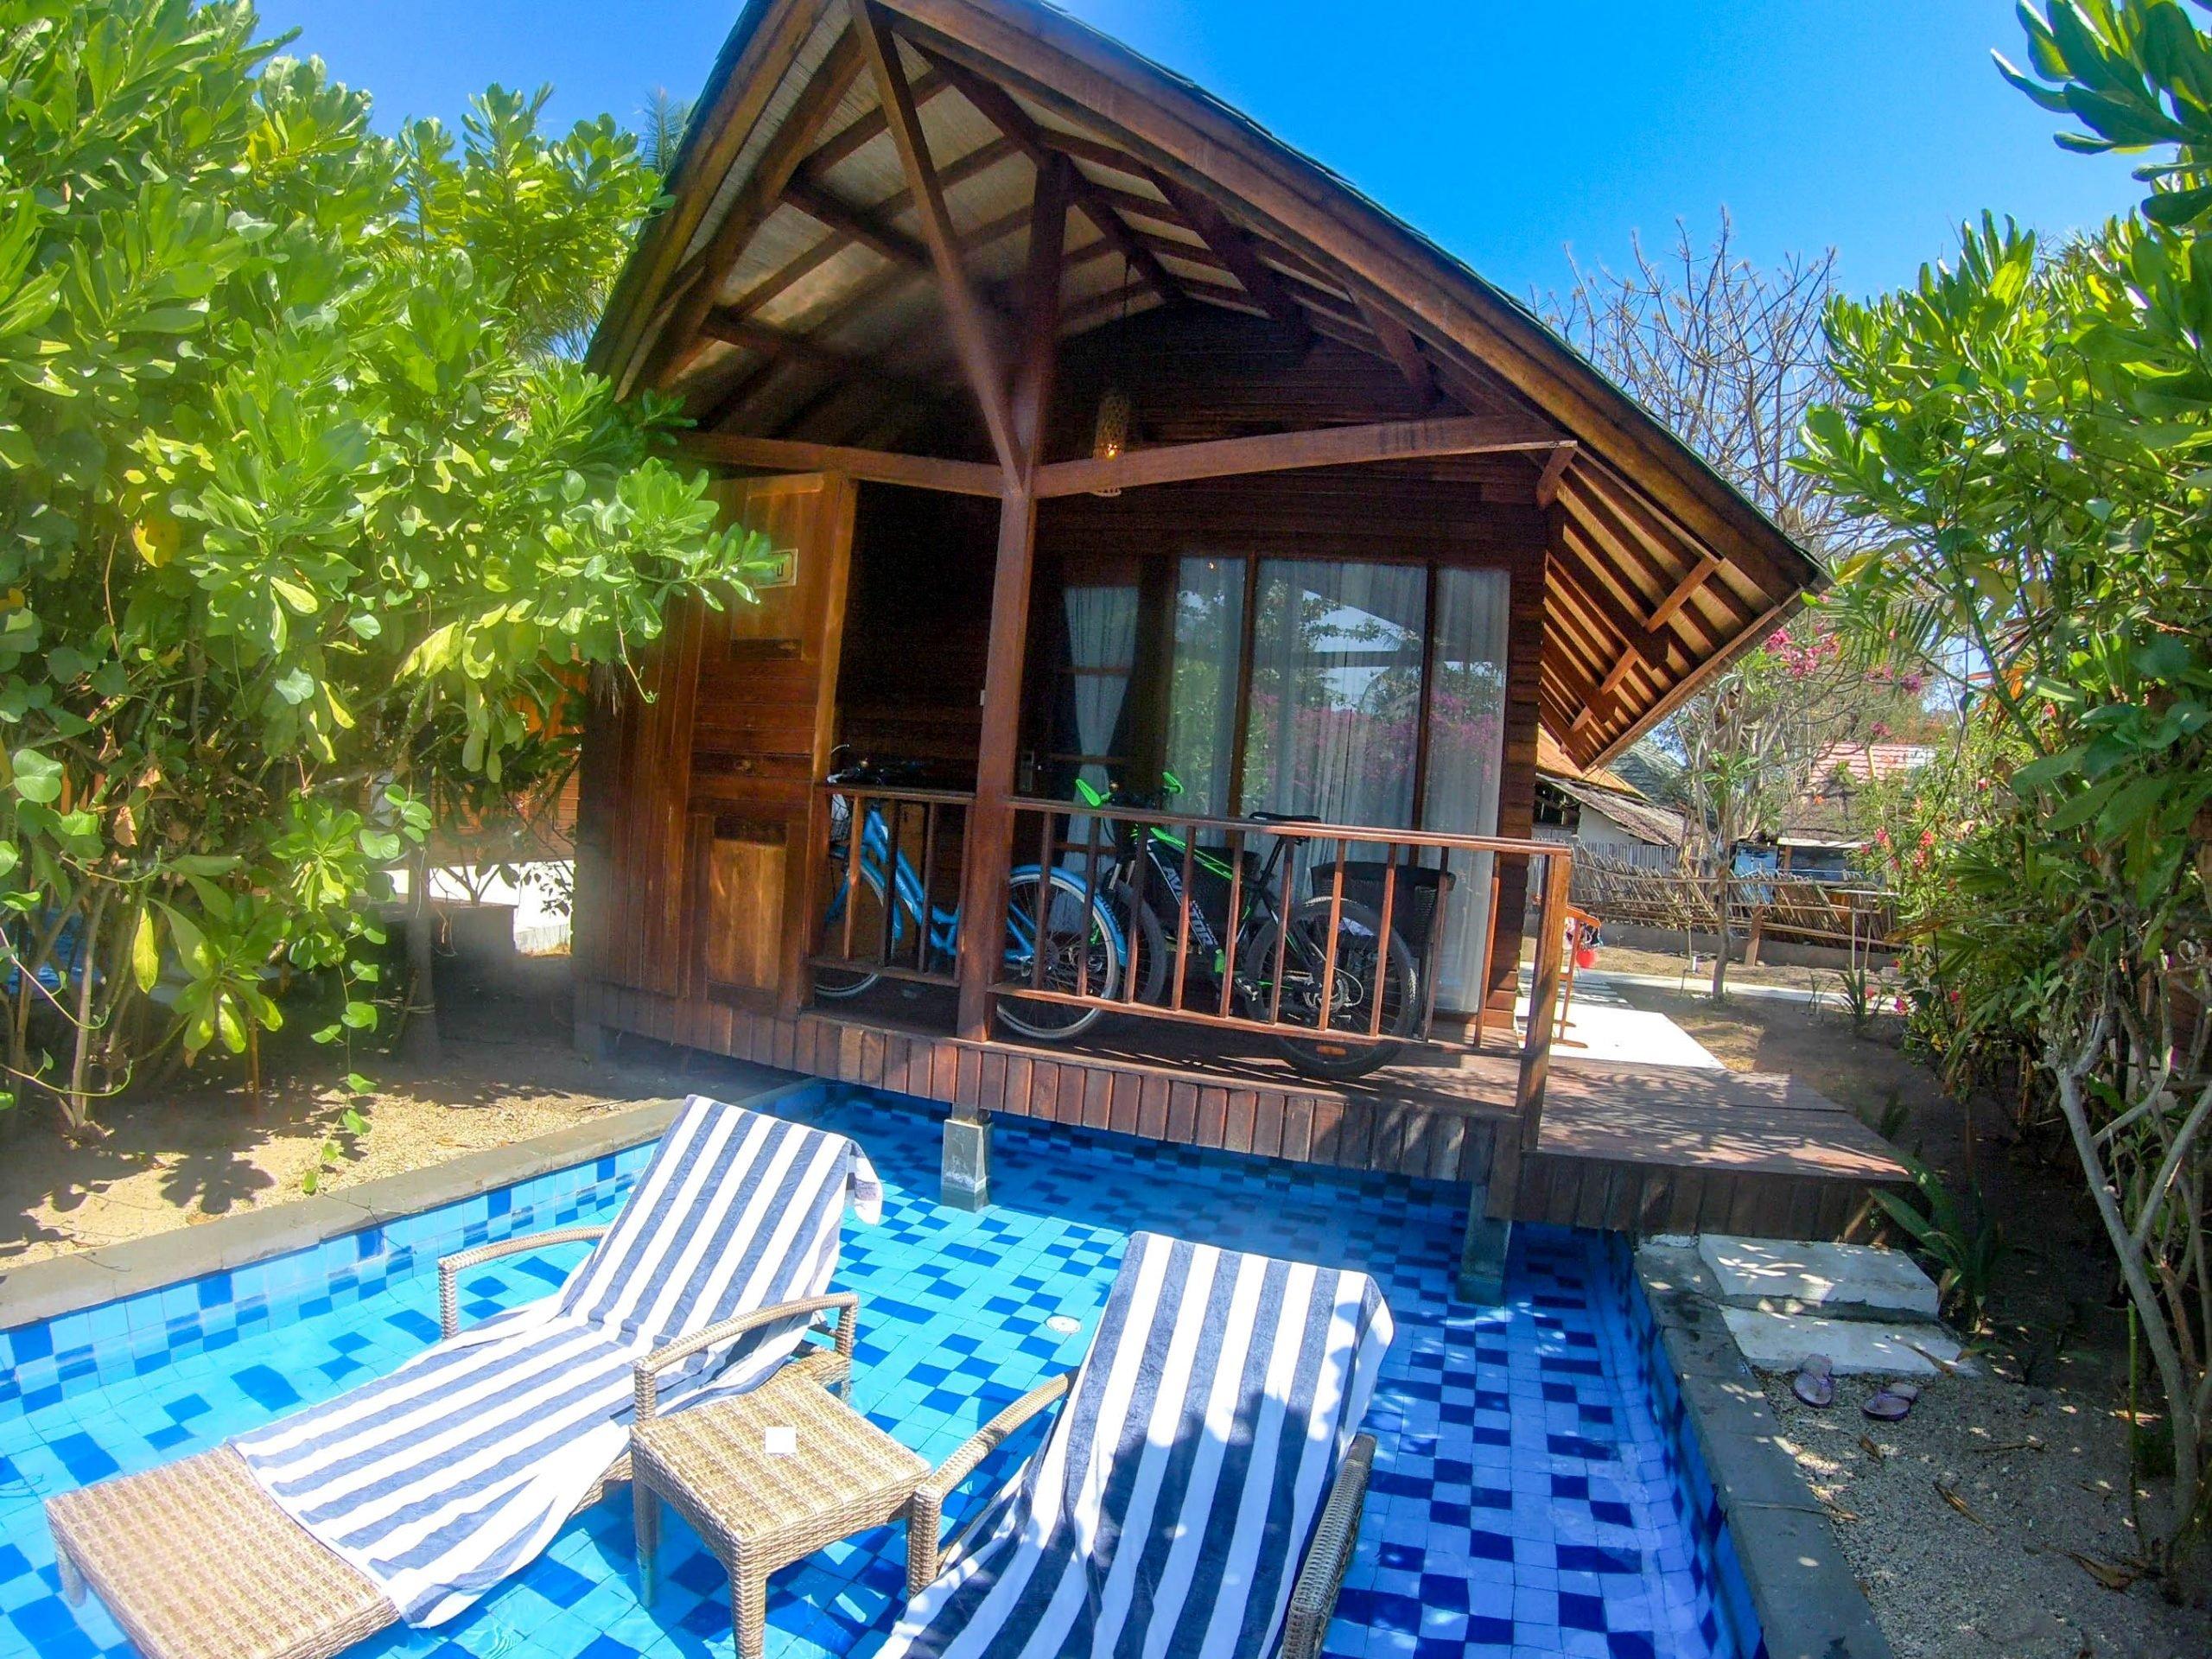 Alojate en un bungalow en las Islas Gili - Indonesia